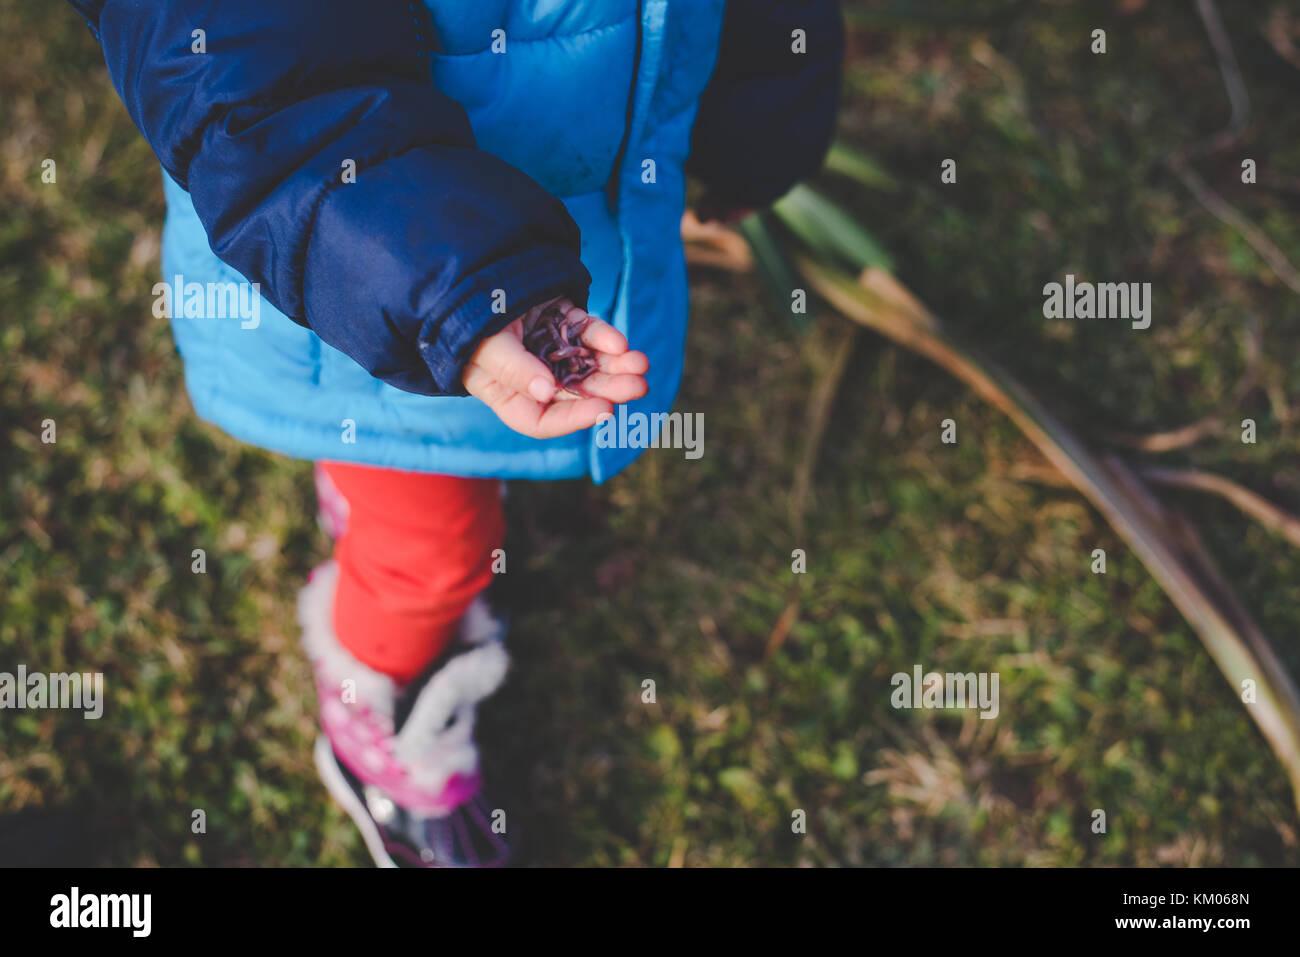 Una niña la celebración de lombrices de tierra en sus manos. Imagen De Stock